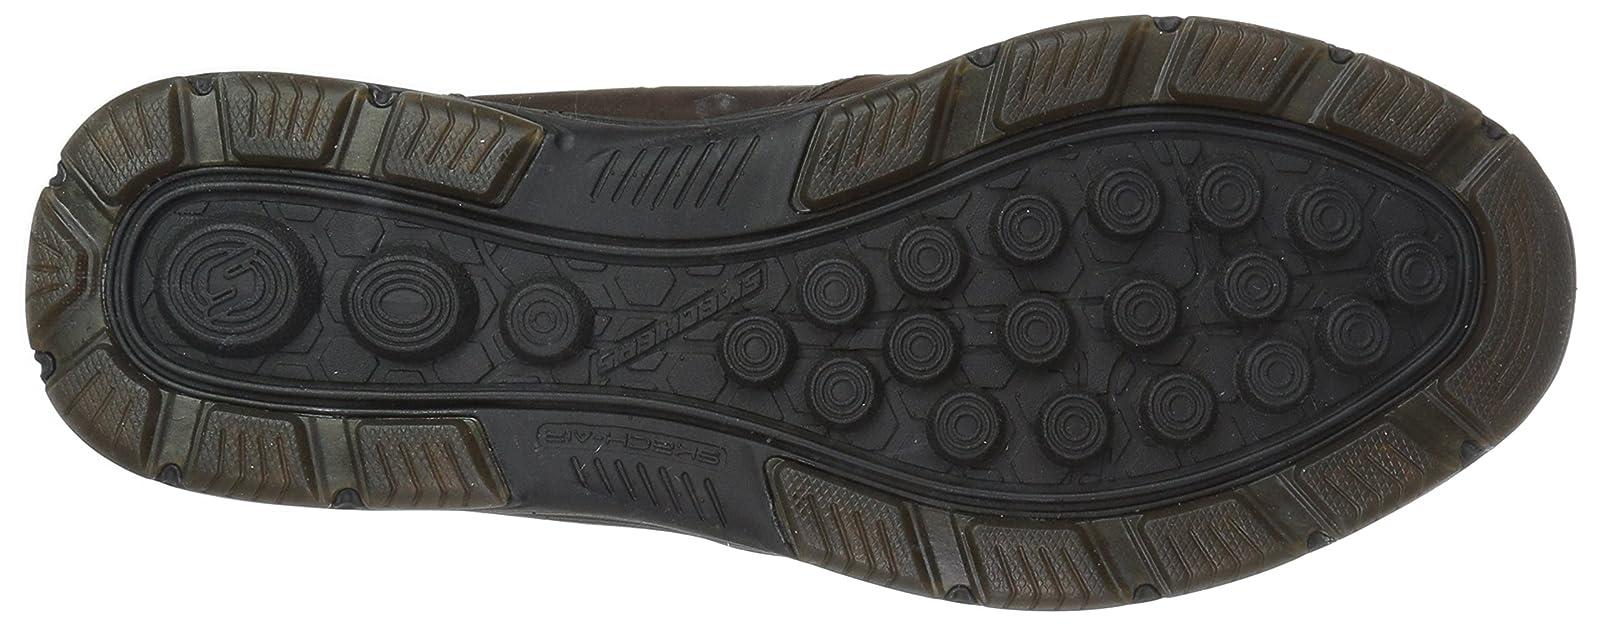 Skechers Men's Garton Keven Ankle Bootie 8 M US - 3